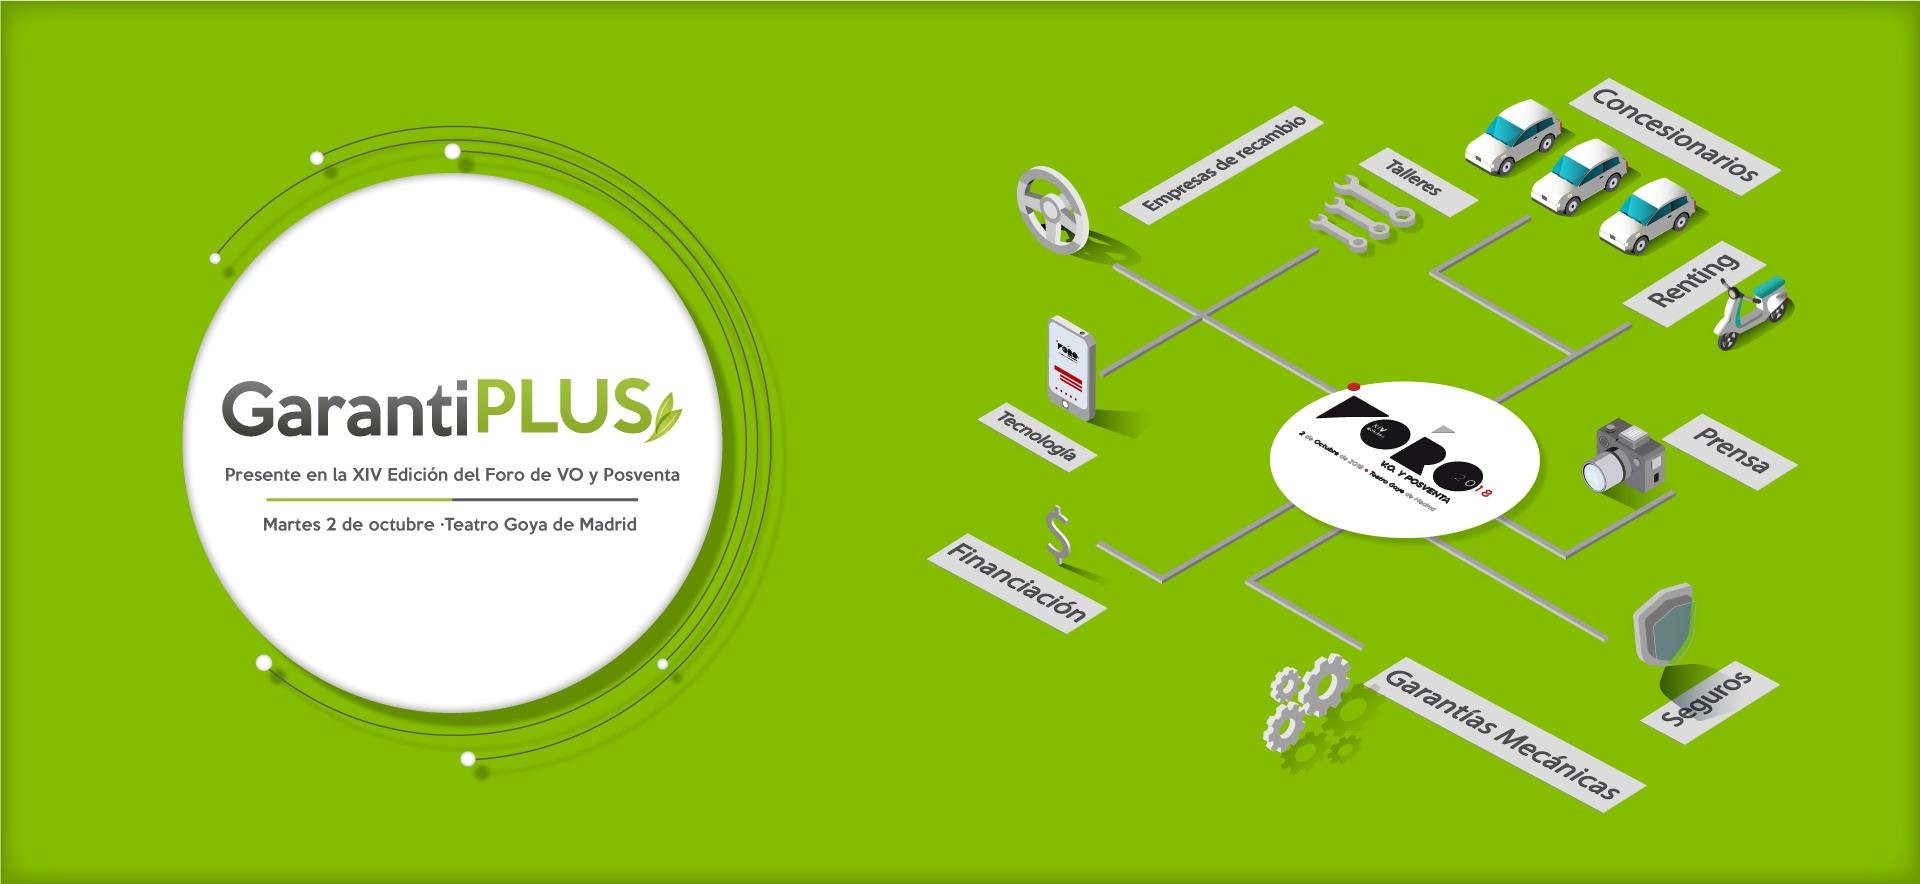 GarantiPlus celebra su quinto aniversario en el Foro de VO